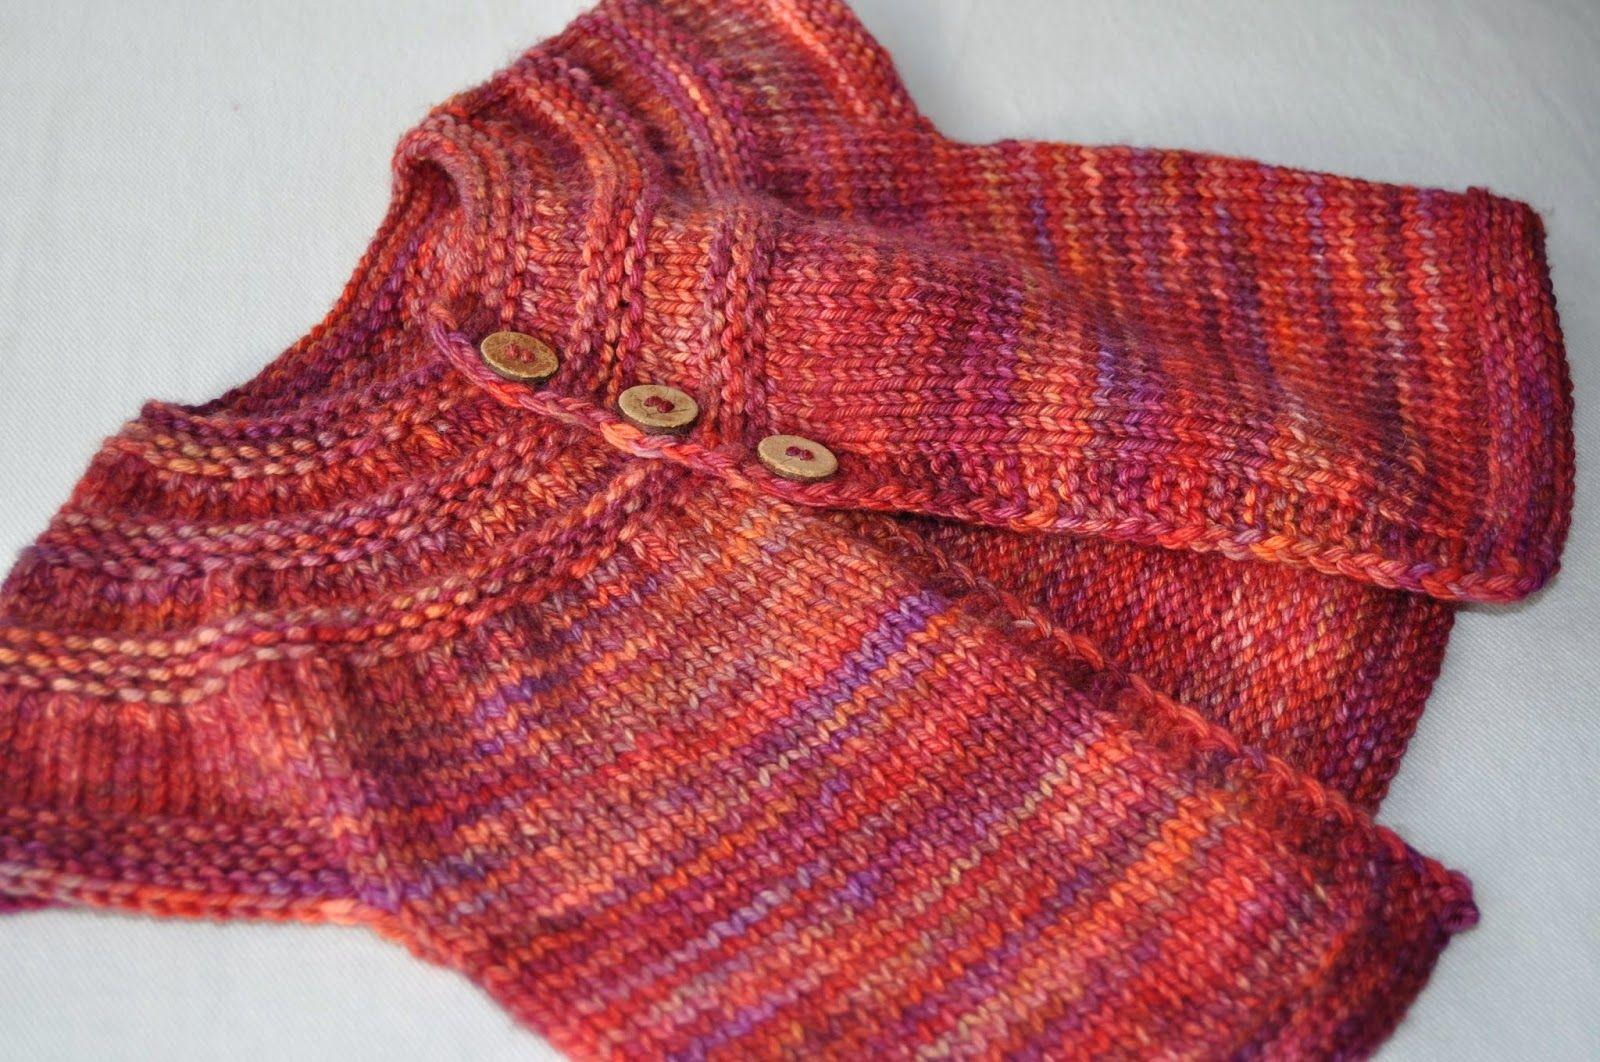 Super Idee für Mädchen Strickjacke   Nähen   Pinterest   Strickjacke ...